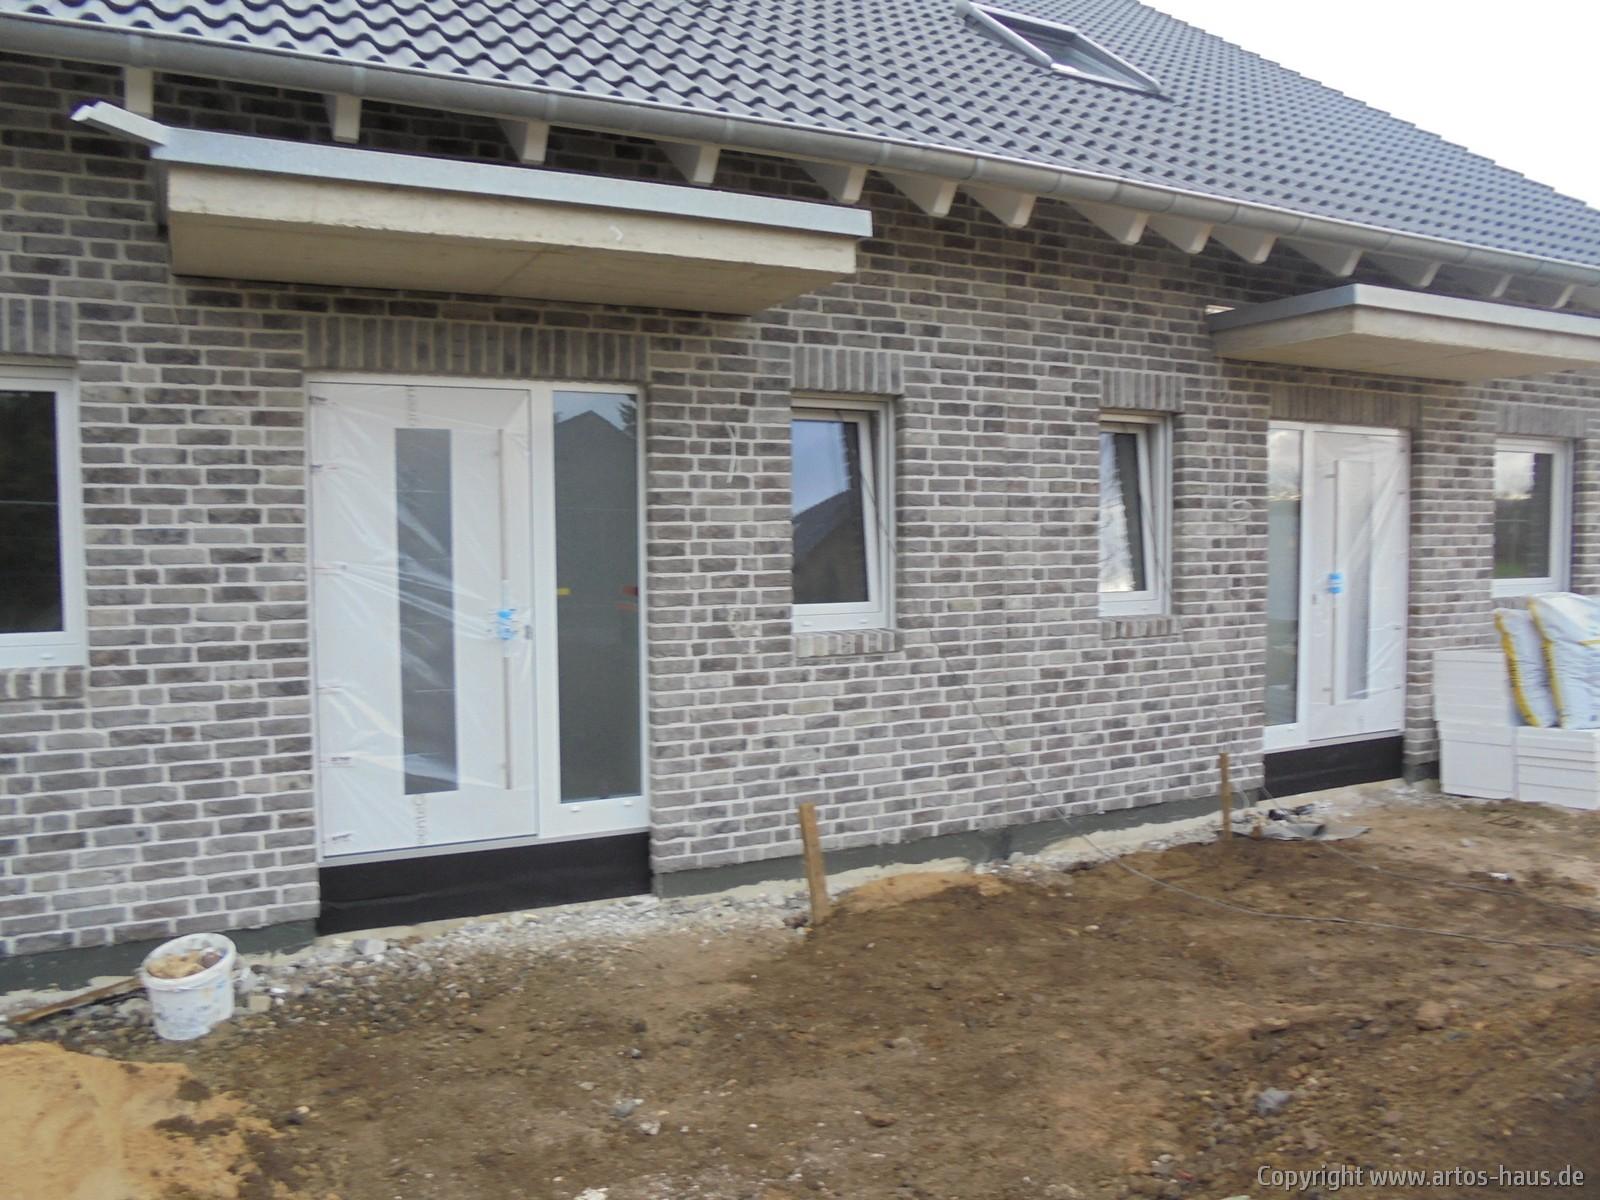 BV Euskirchen, Artos-Haus 2019 - 32